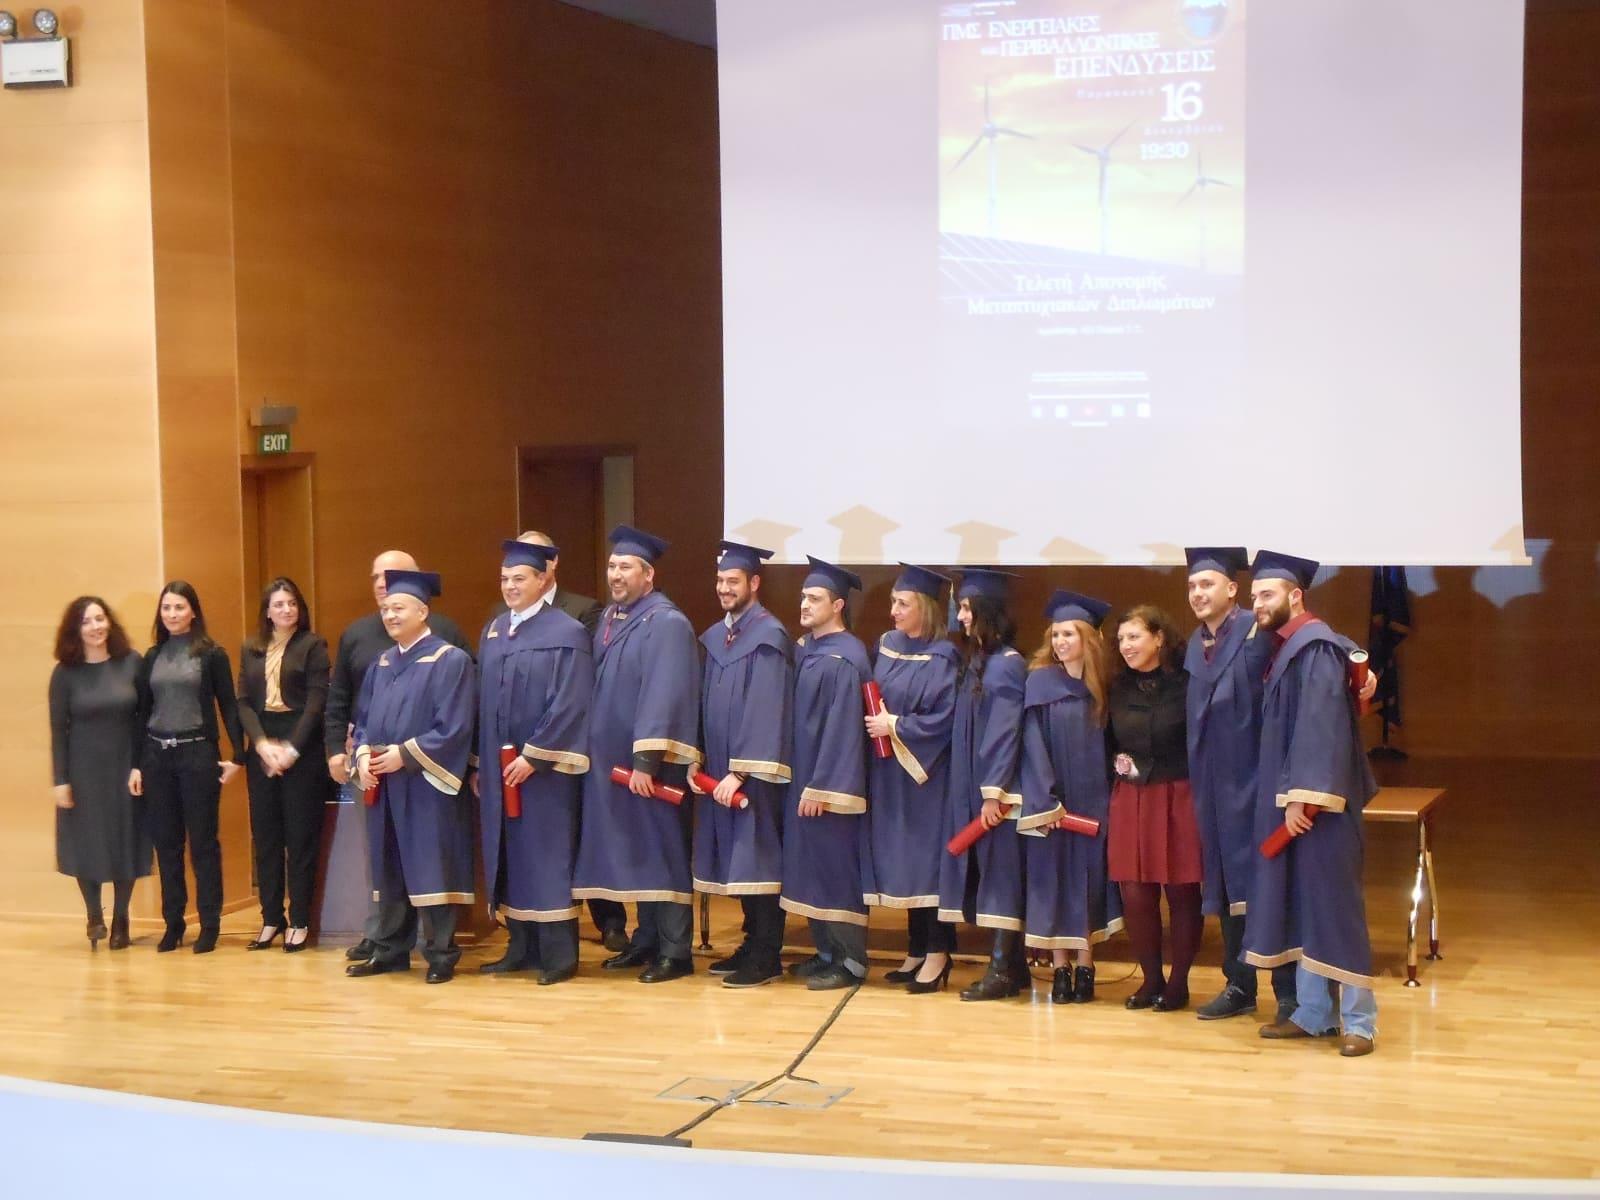 Οι πρώτοι απόφοιτοι του ΠΜΣ «Ενεργειακές και Περιβαλλοντικές Επενδύσεις»